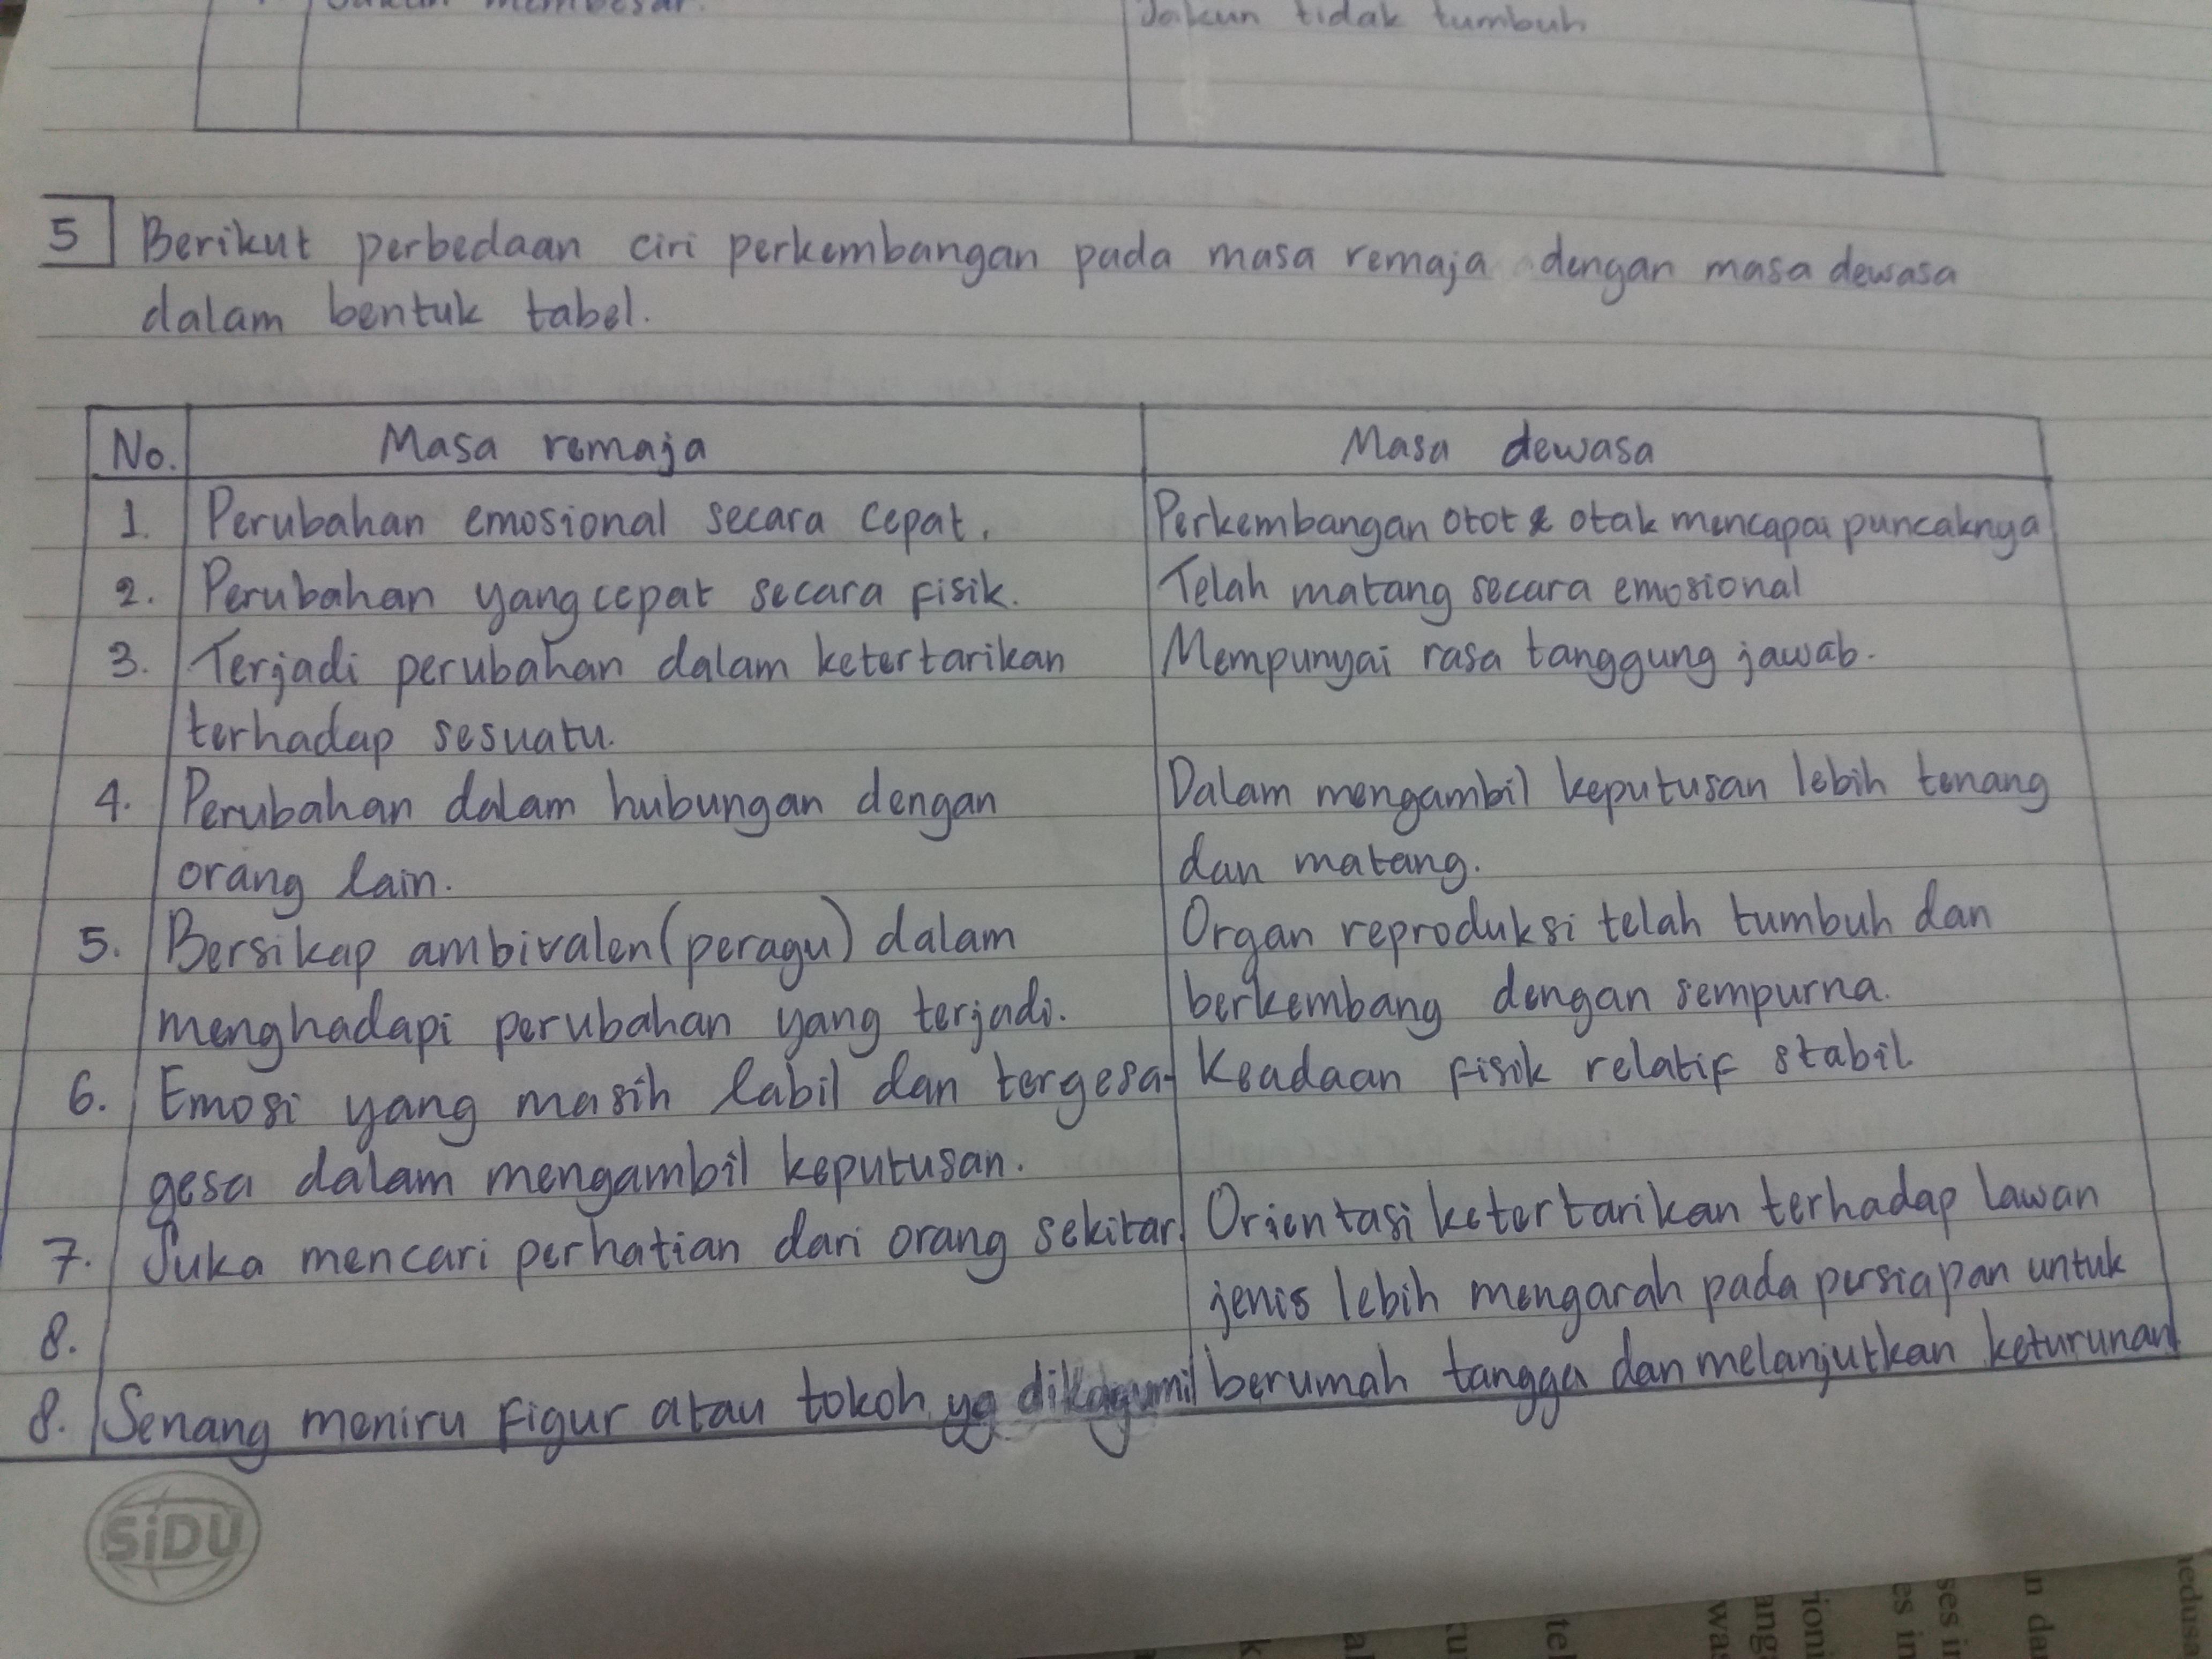 Contoh Teks Eksplanasi Pelangi Brainly - Kumpulan Teks ...